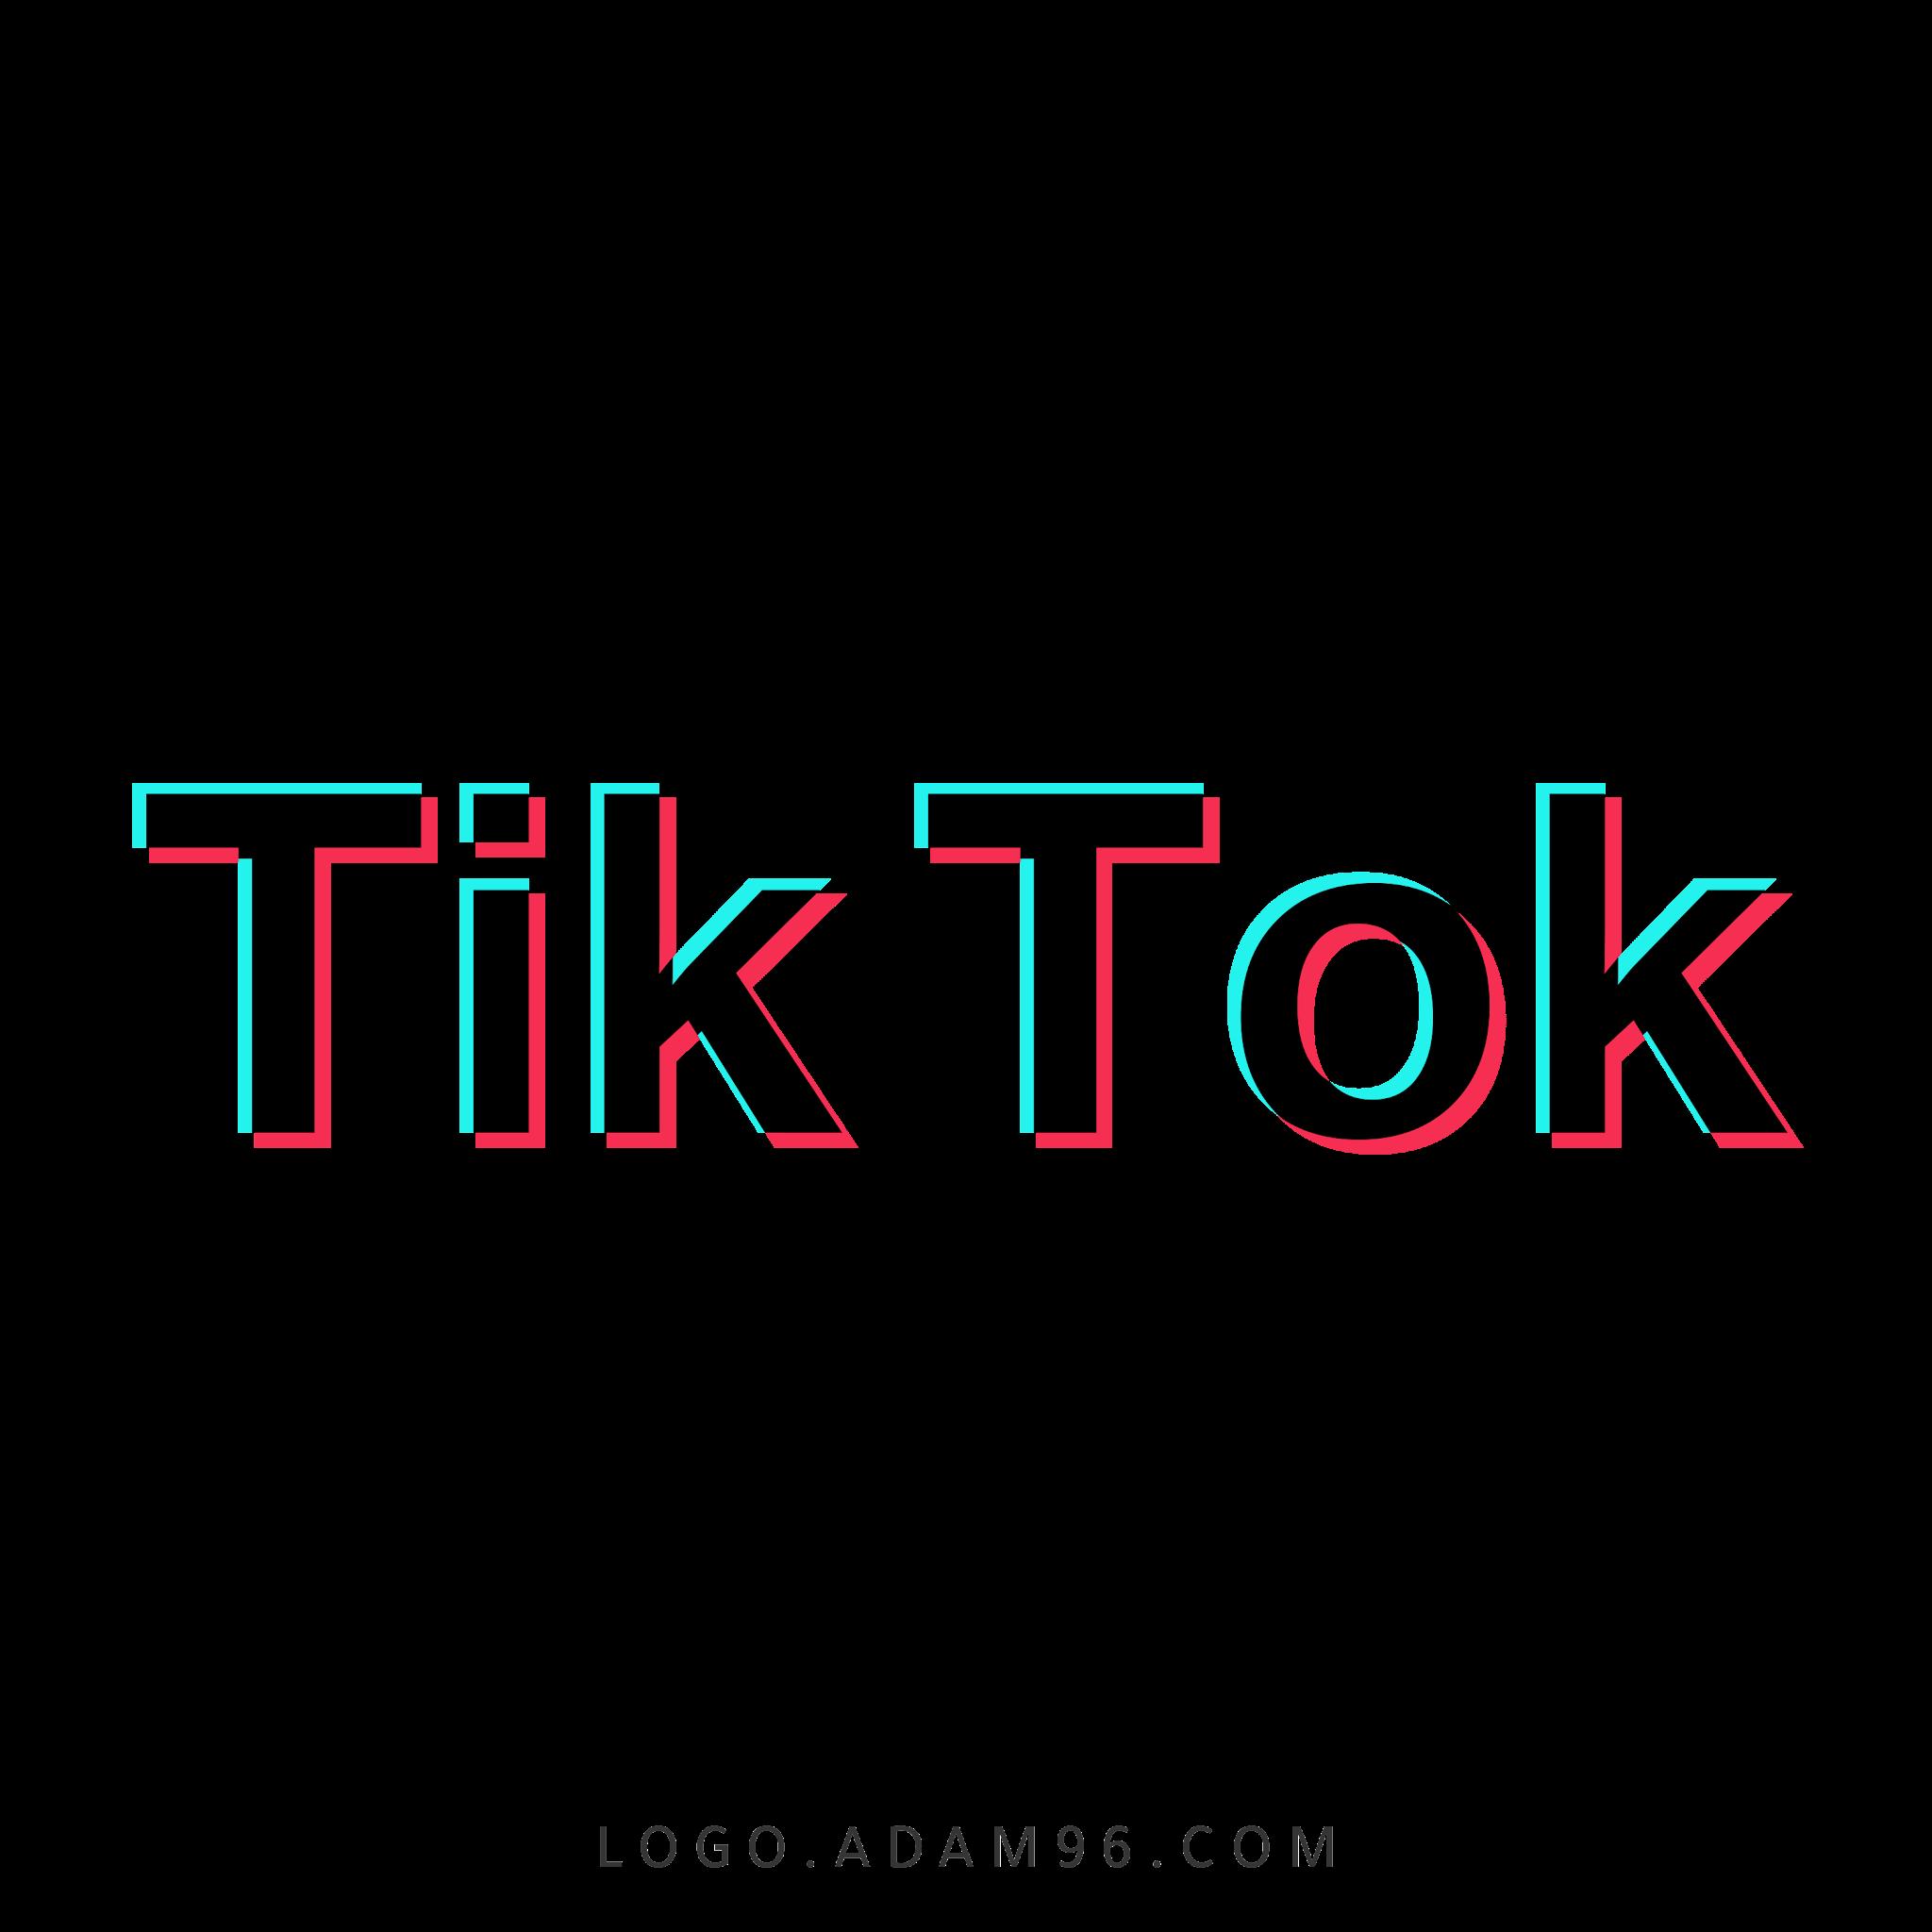 تحميل شعار تيك توك لوجو مميز بحجم كبير شفاف Logo Tik Tok PNG